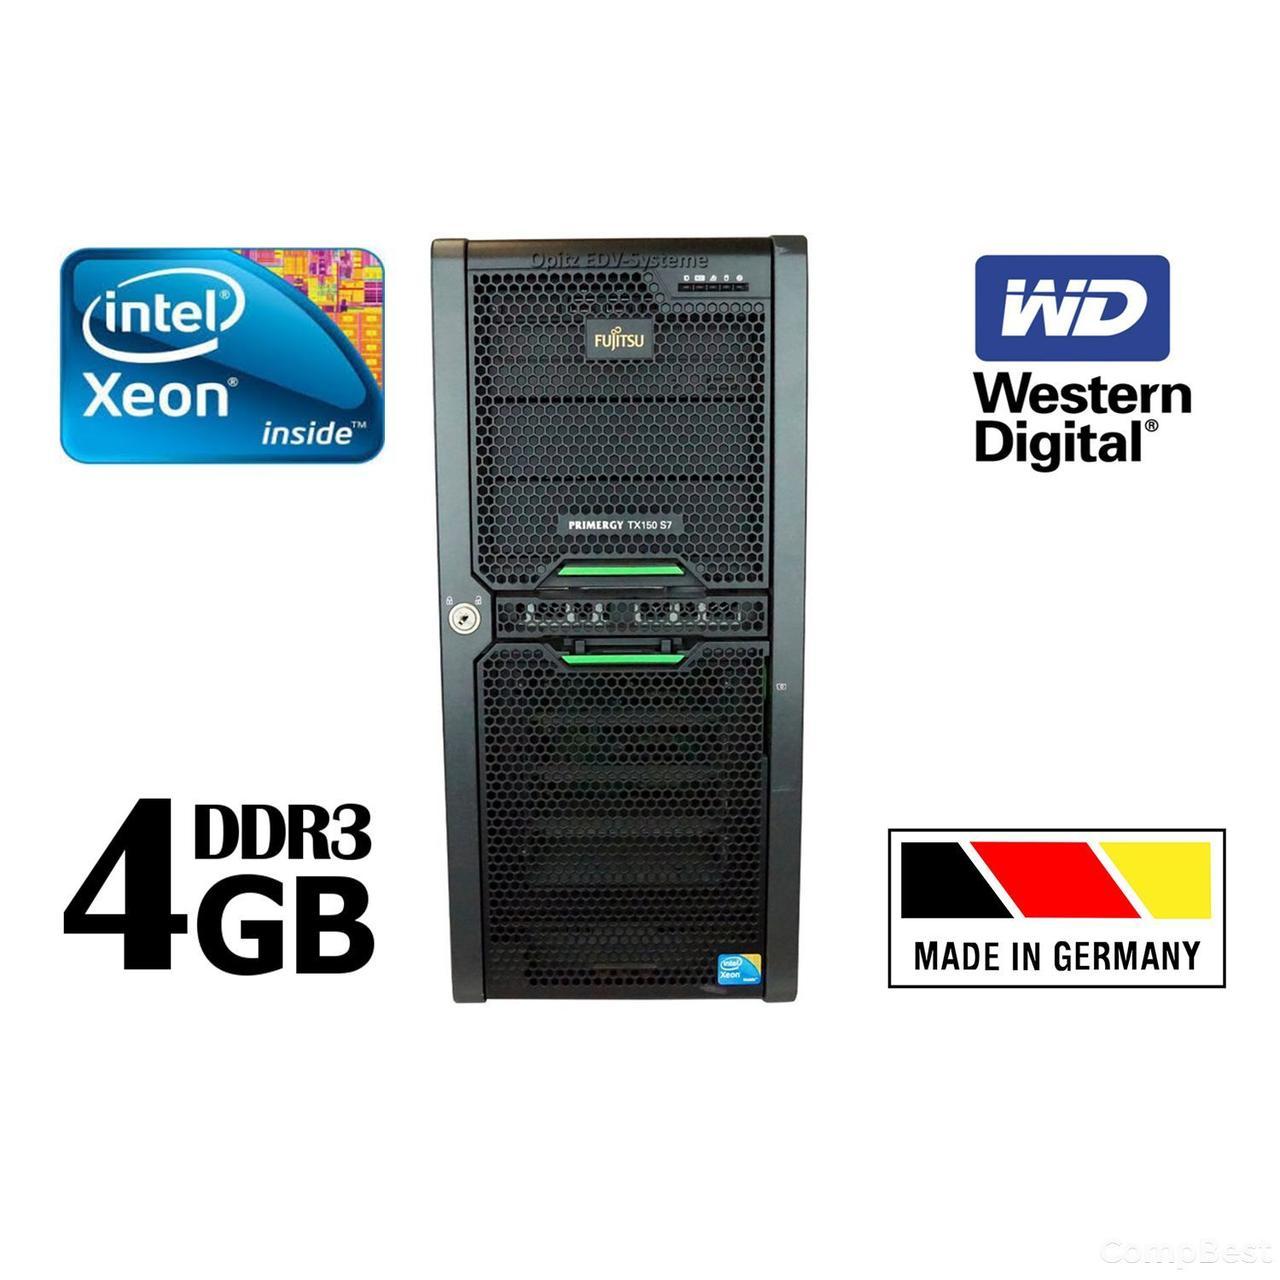 Сервер Fujitsu Primergy TX150 S7 / Intel Xeon X3430 / 4 GB DDR3 / 250 GB HDD / NAS хранилище